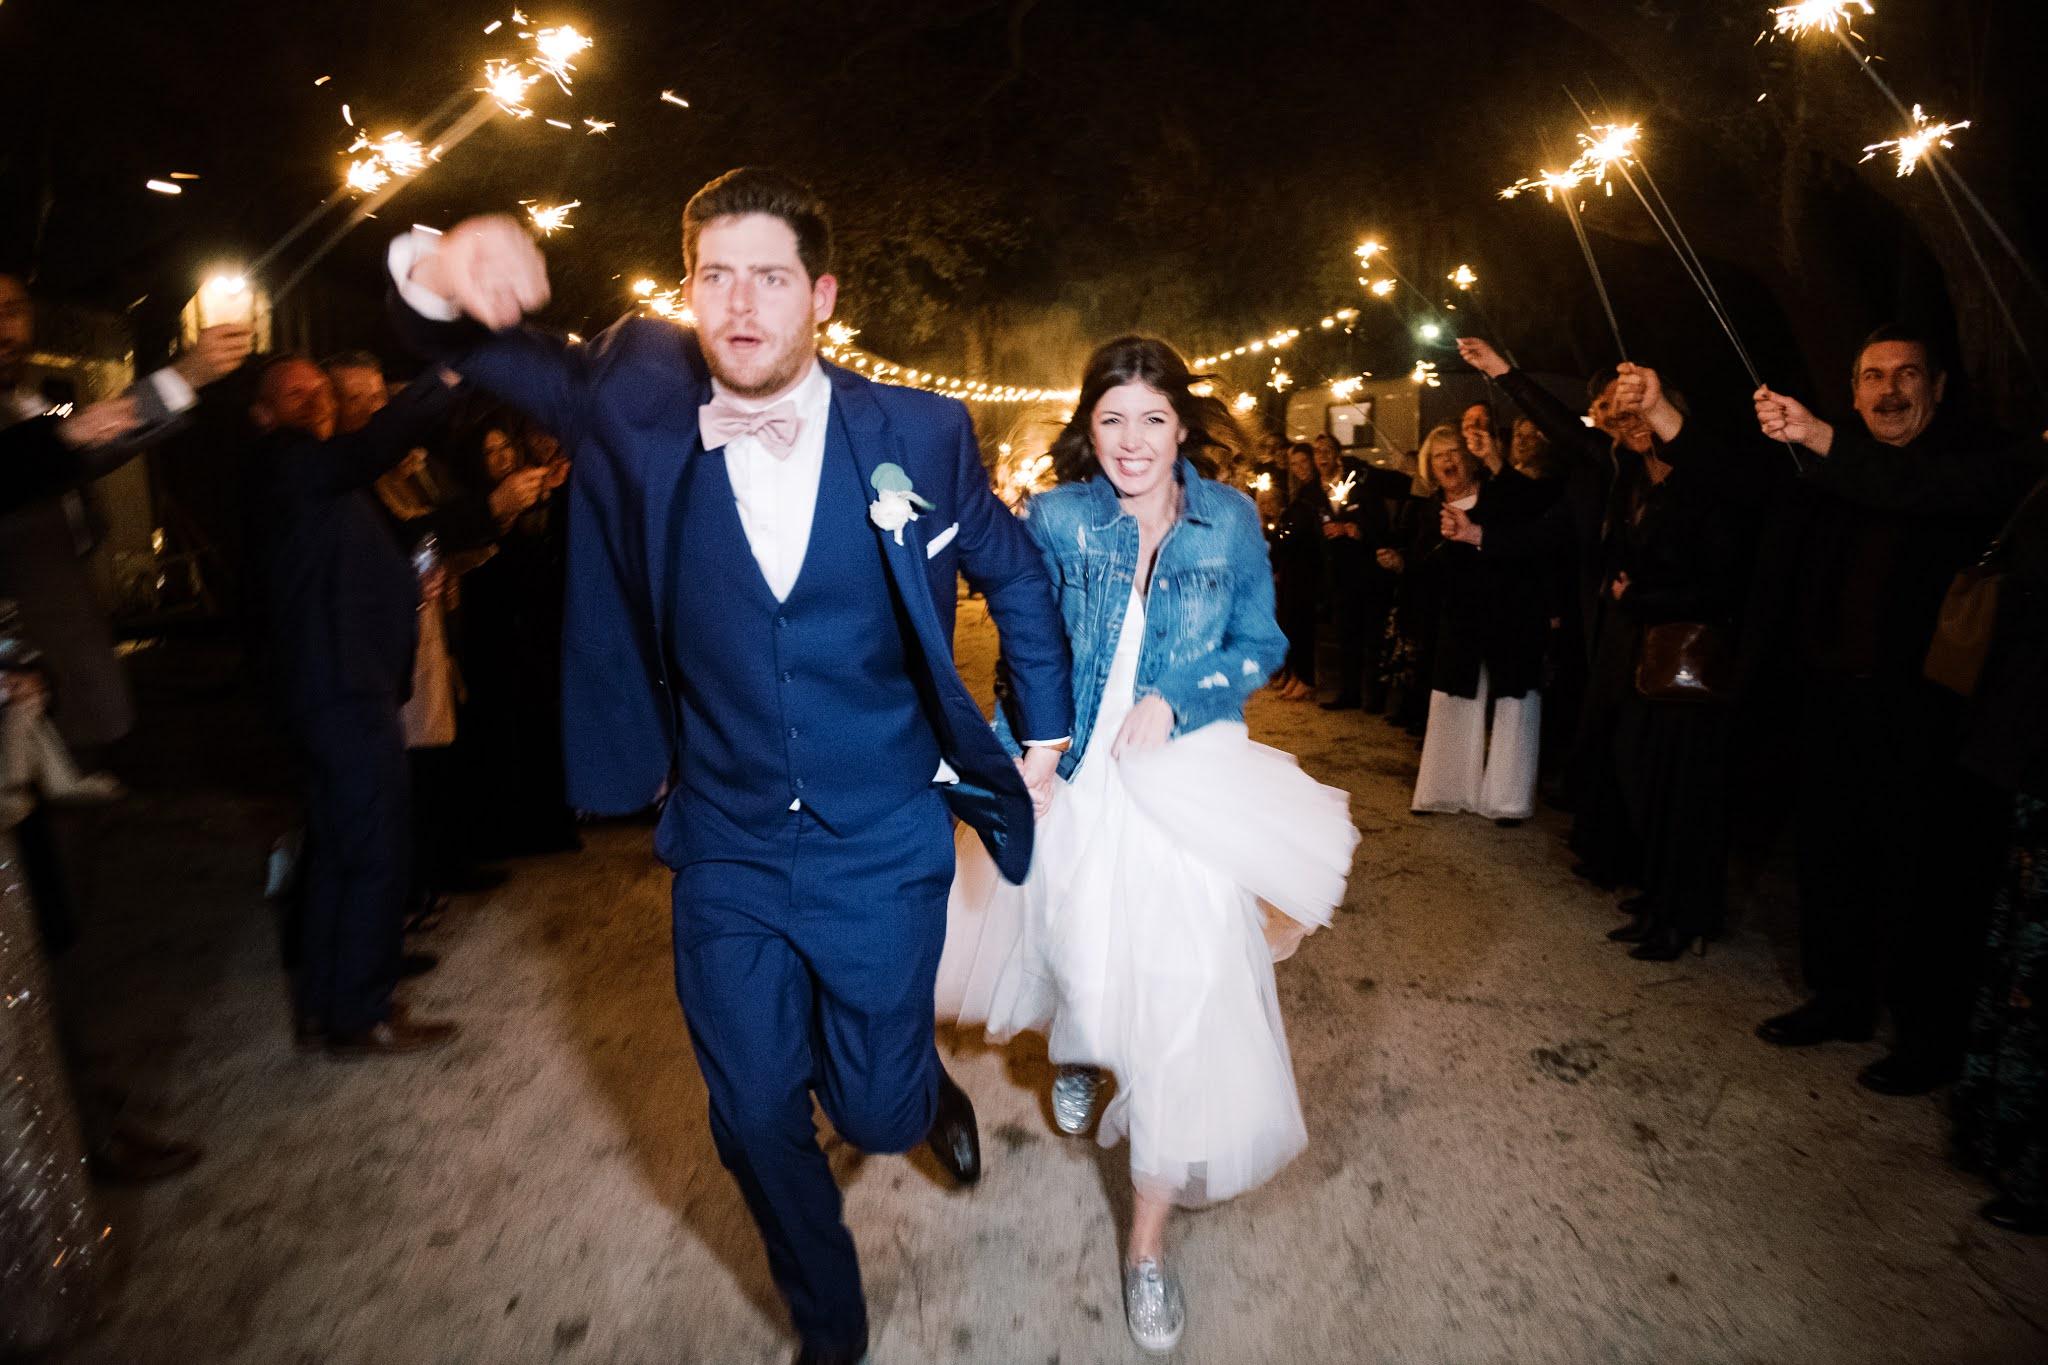 Charleston Wedding Sparkler Exit - Chasing Cinderella